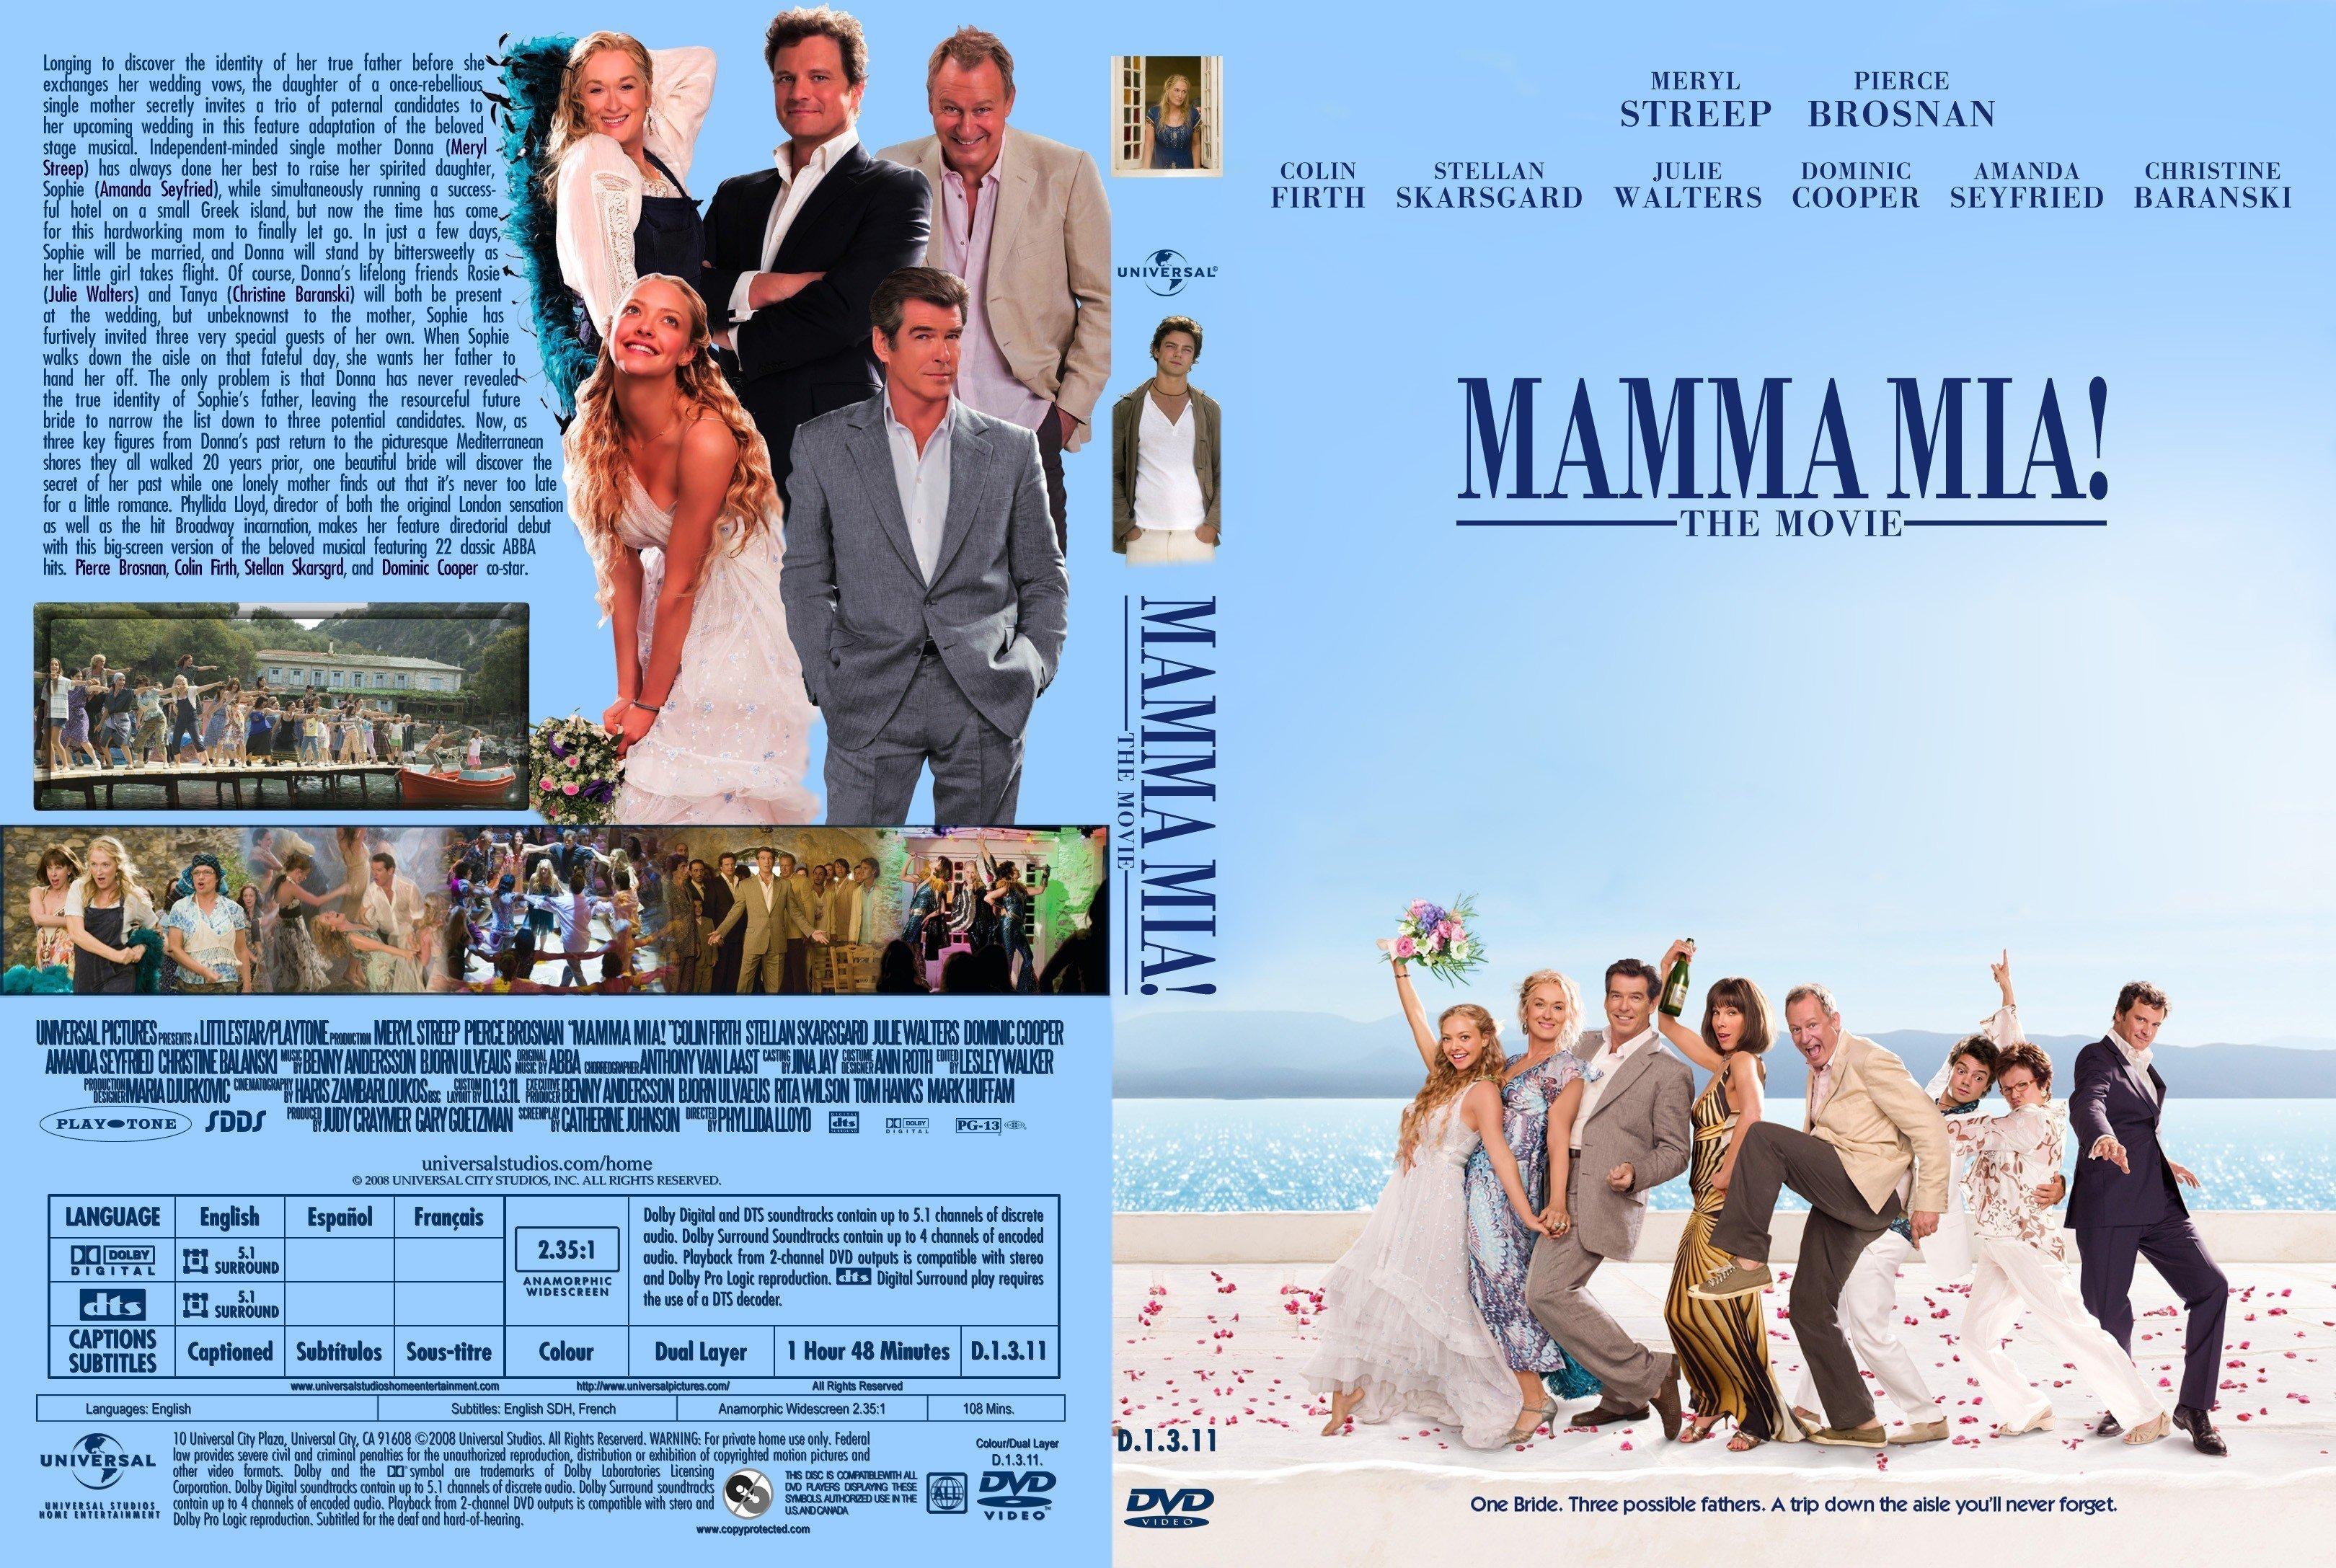 Mamma Mia! The Movie Soundtrack  Wikipedia